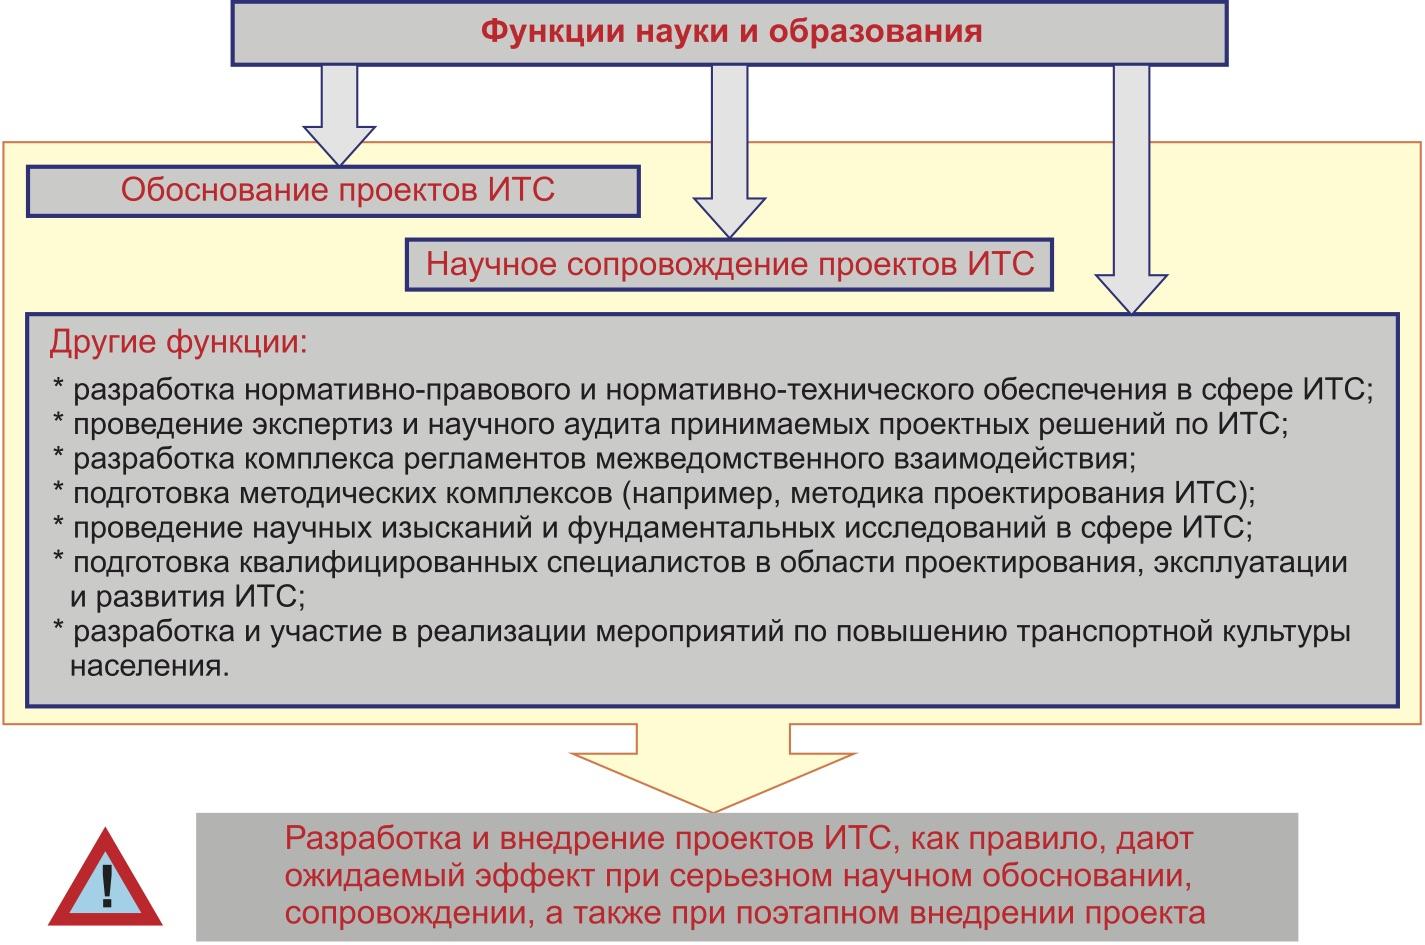 Роль науки в развитии ИТС